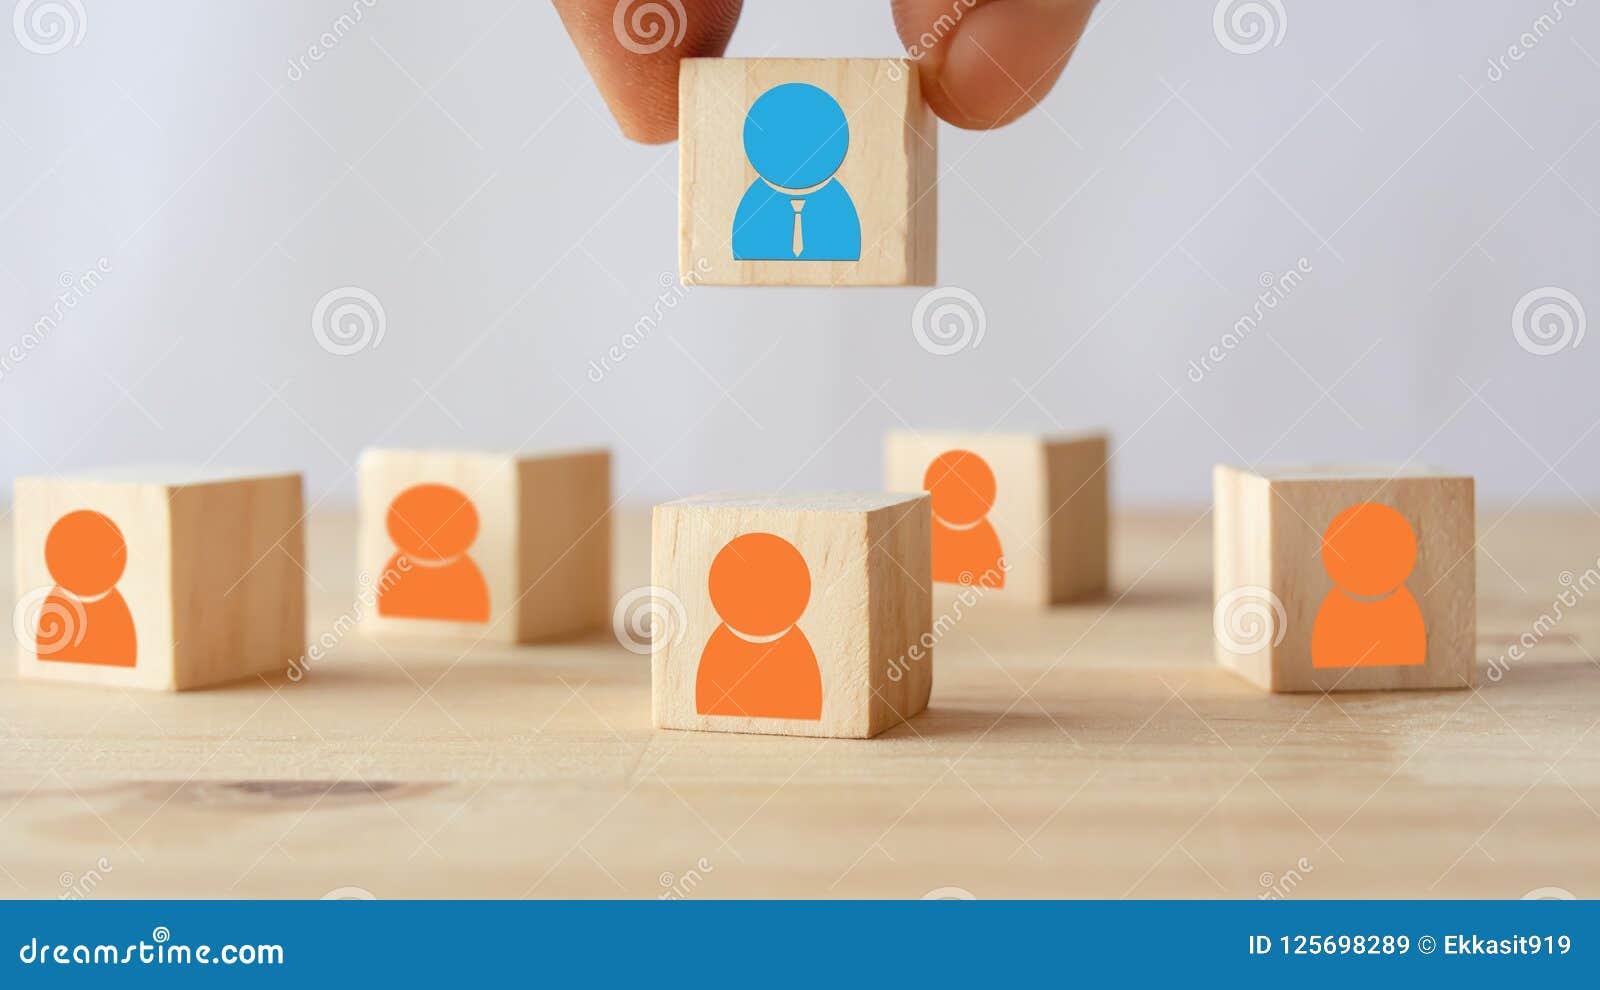 Räcka satt, välj eller välj personen som fick idé eller sakkunniga eller den högra mannen för jobb än annat i hrm för personalres